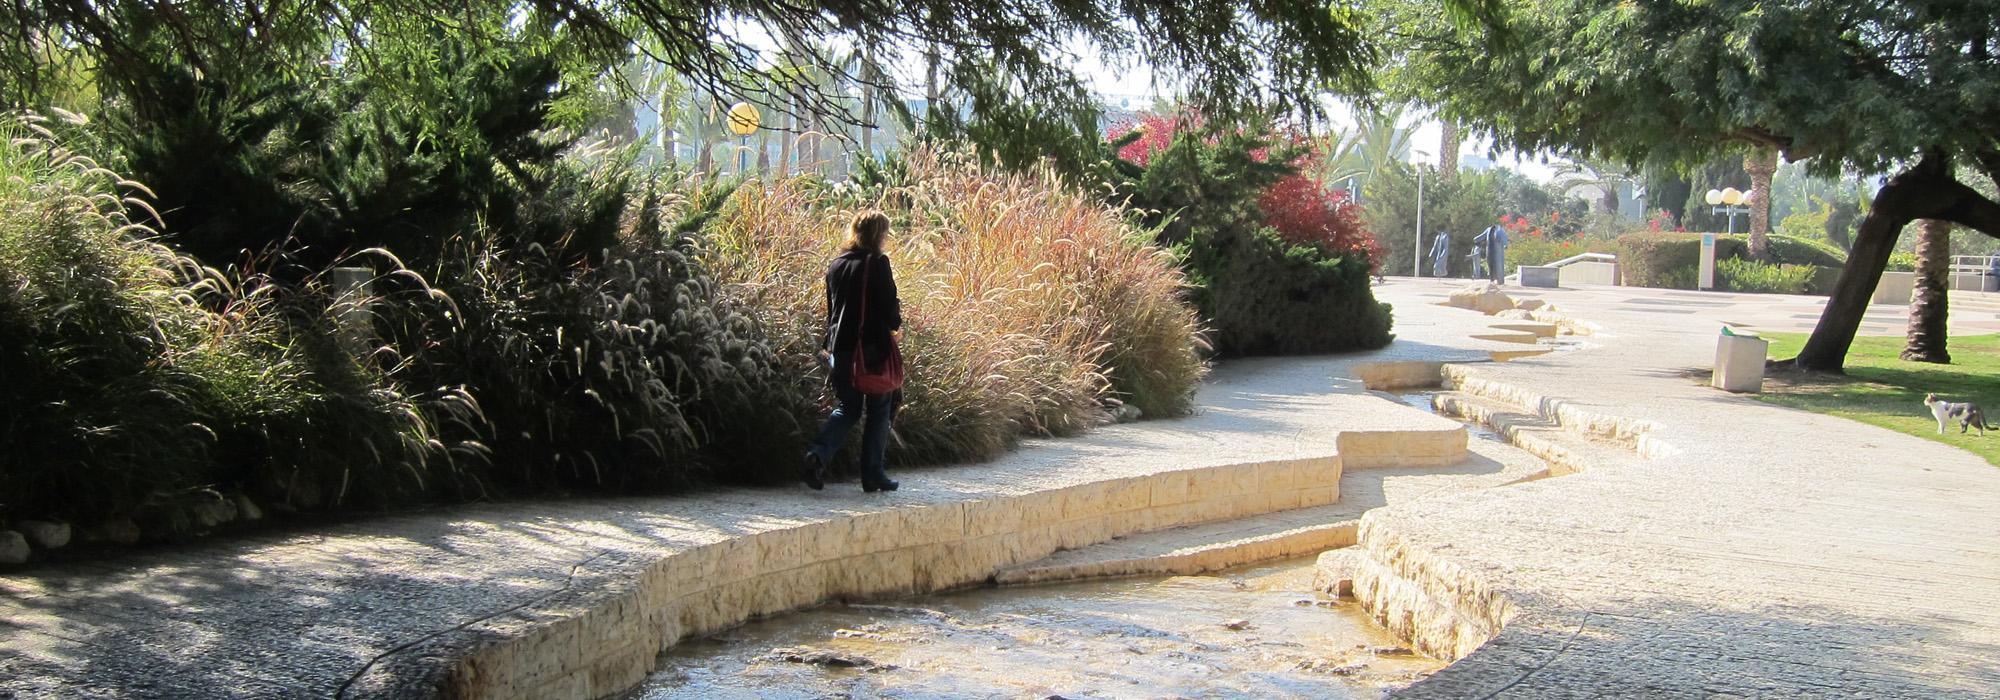 Israel_KreitmanPlaza_hero_01_CharlesBirnbaum_2011.jpg